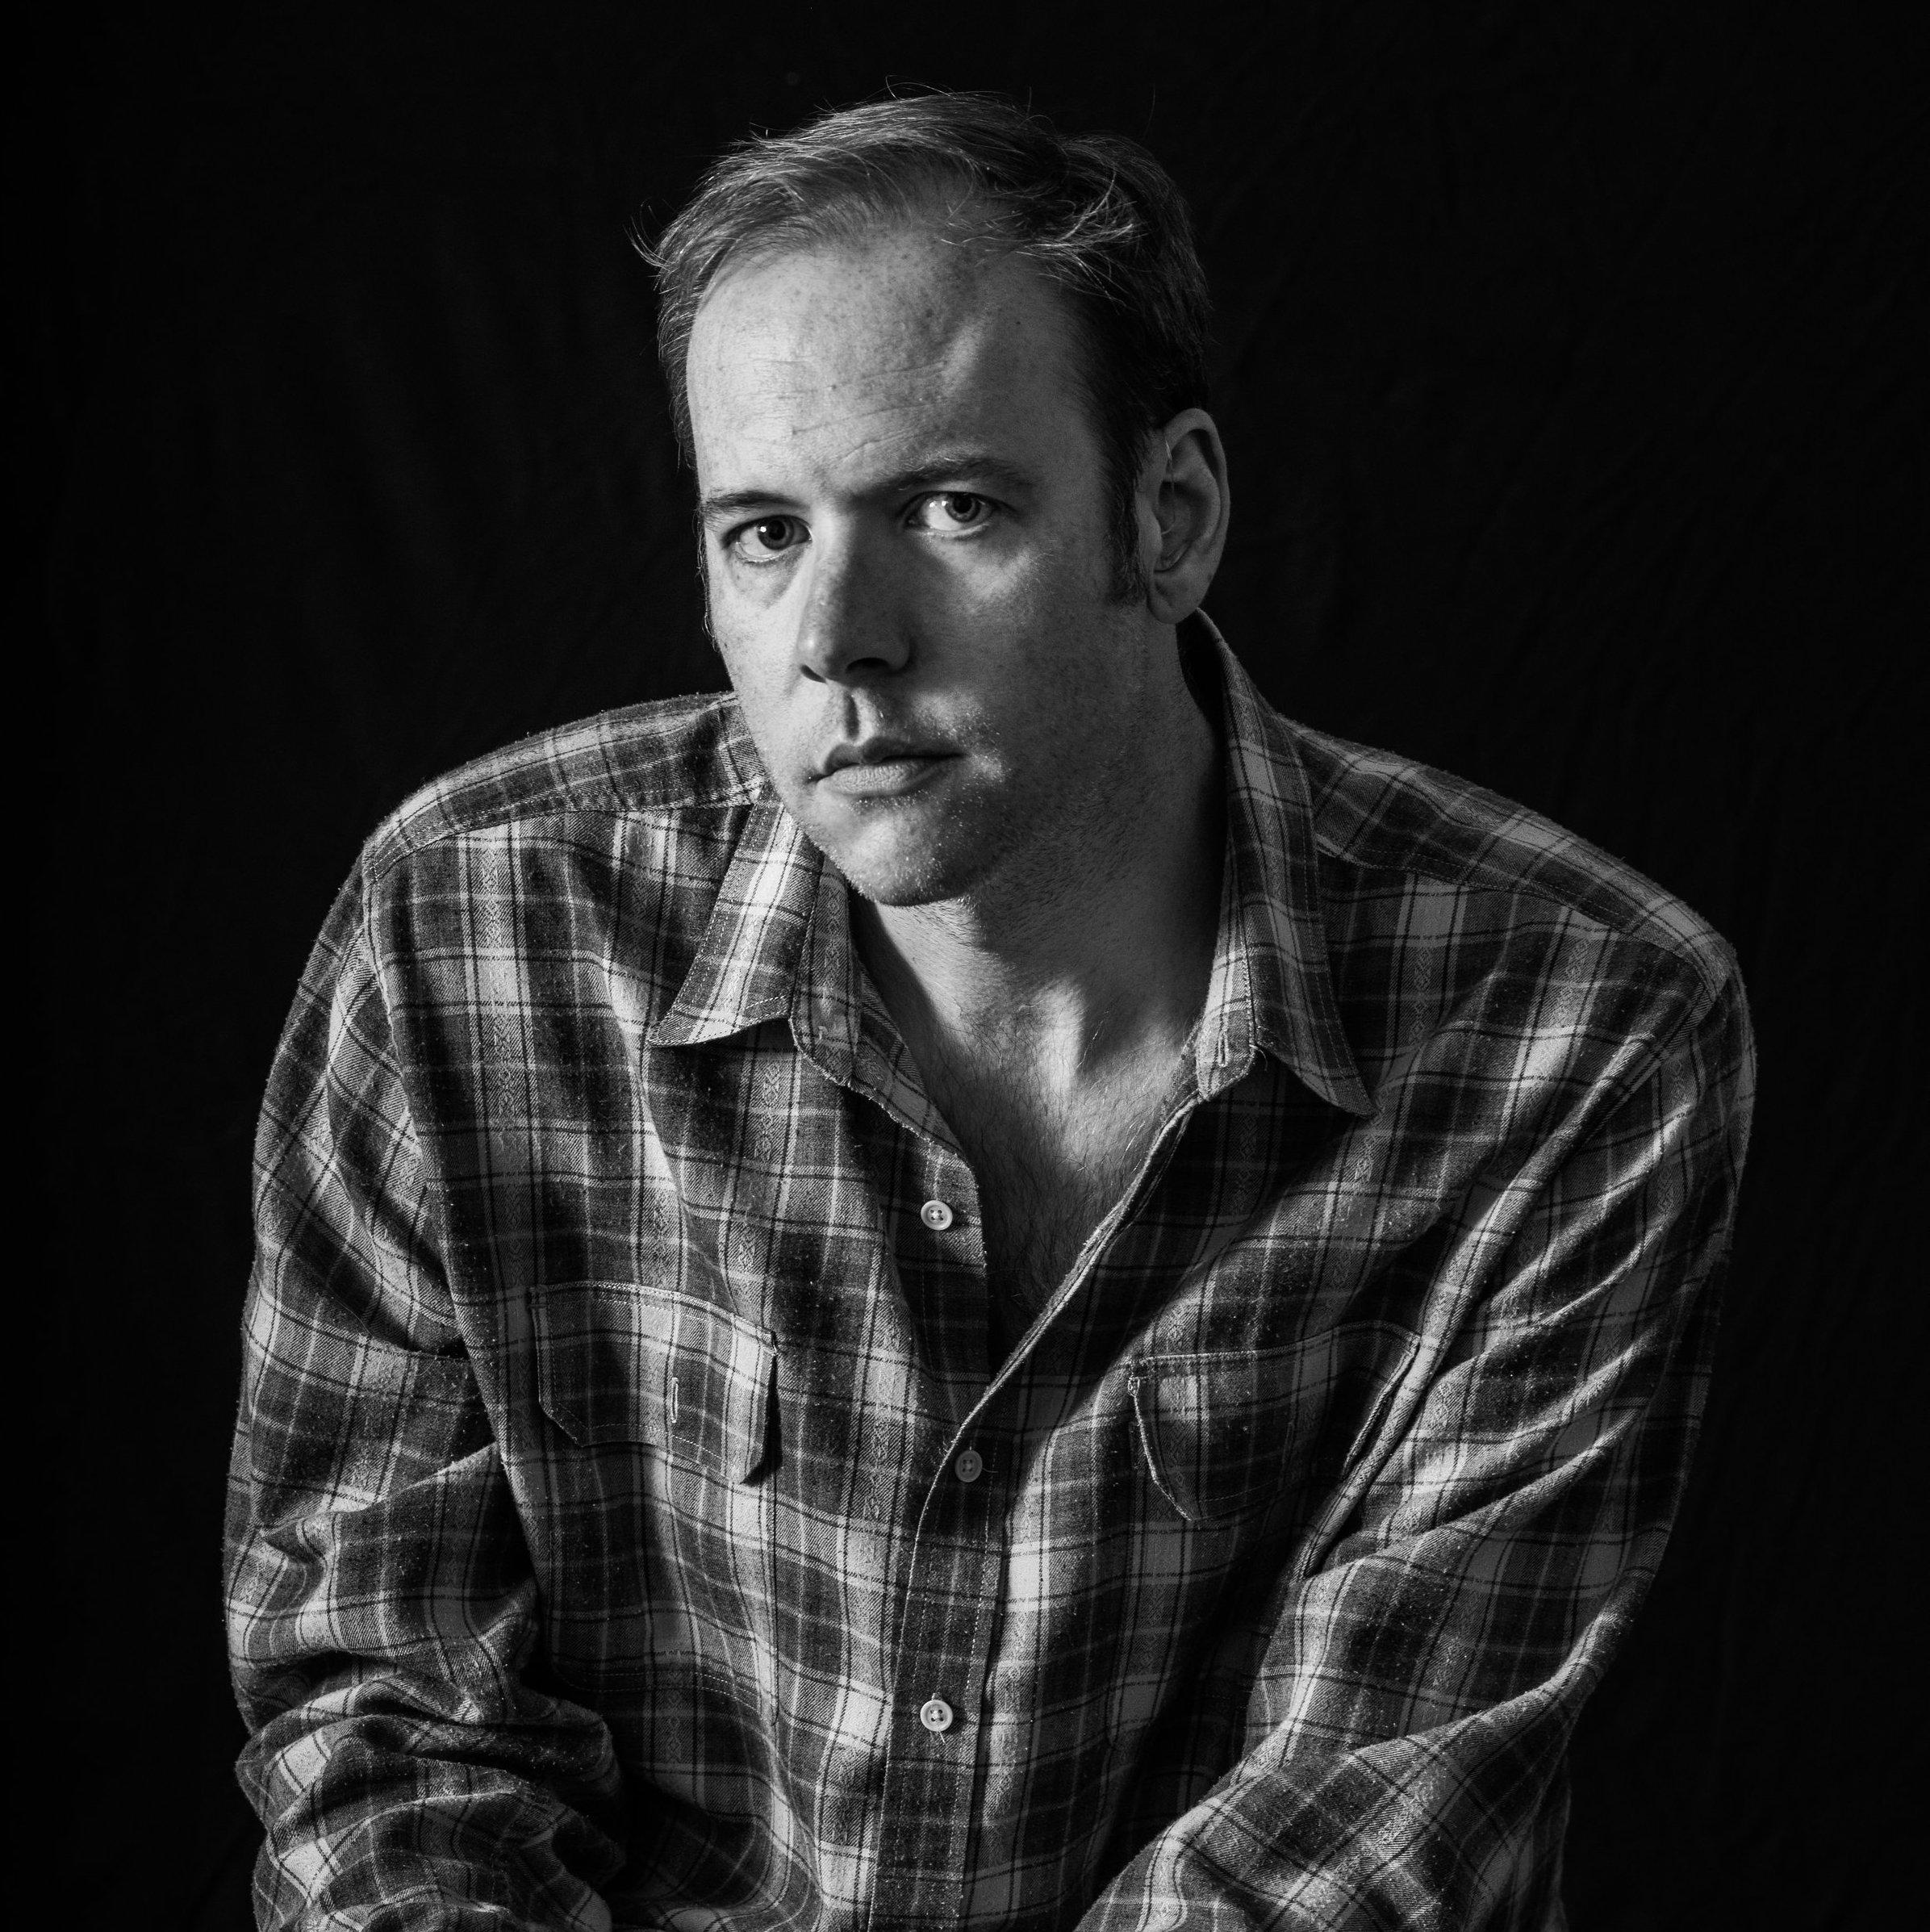 John Cotter Photo by Kirsten Lewis